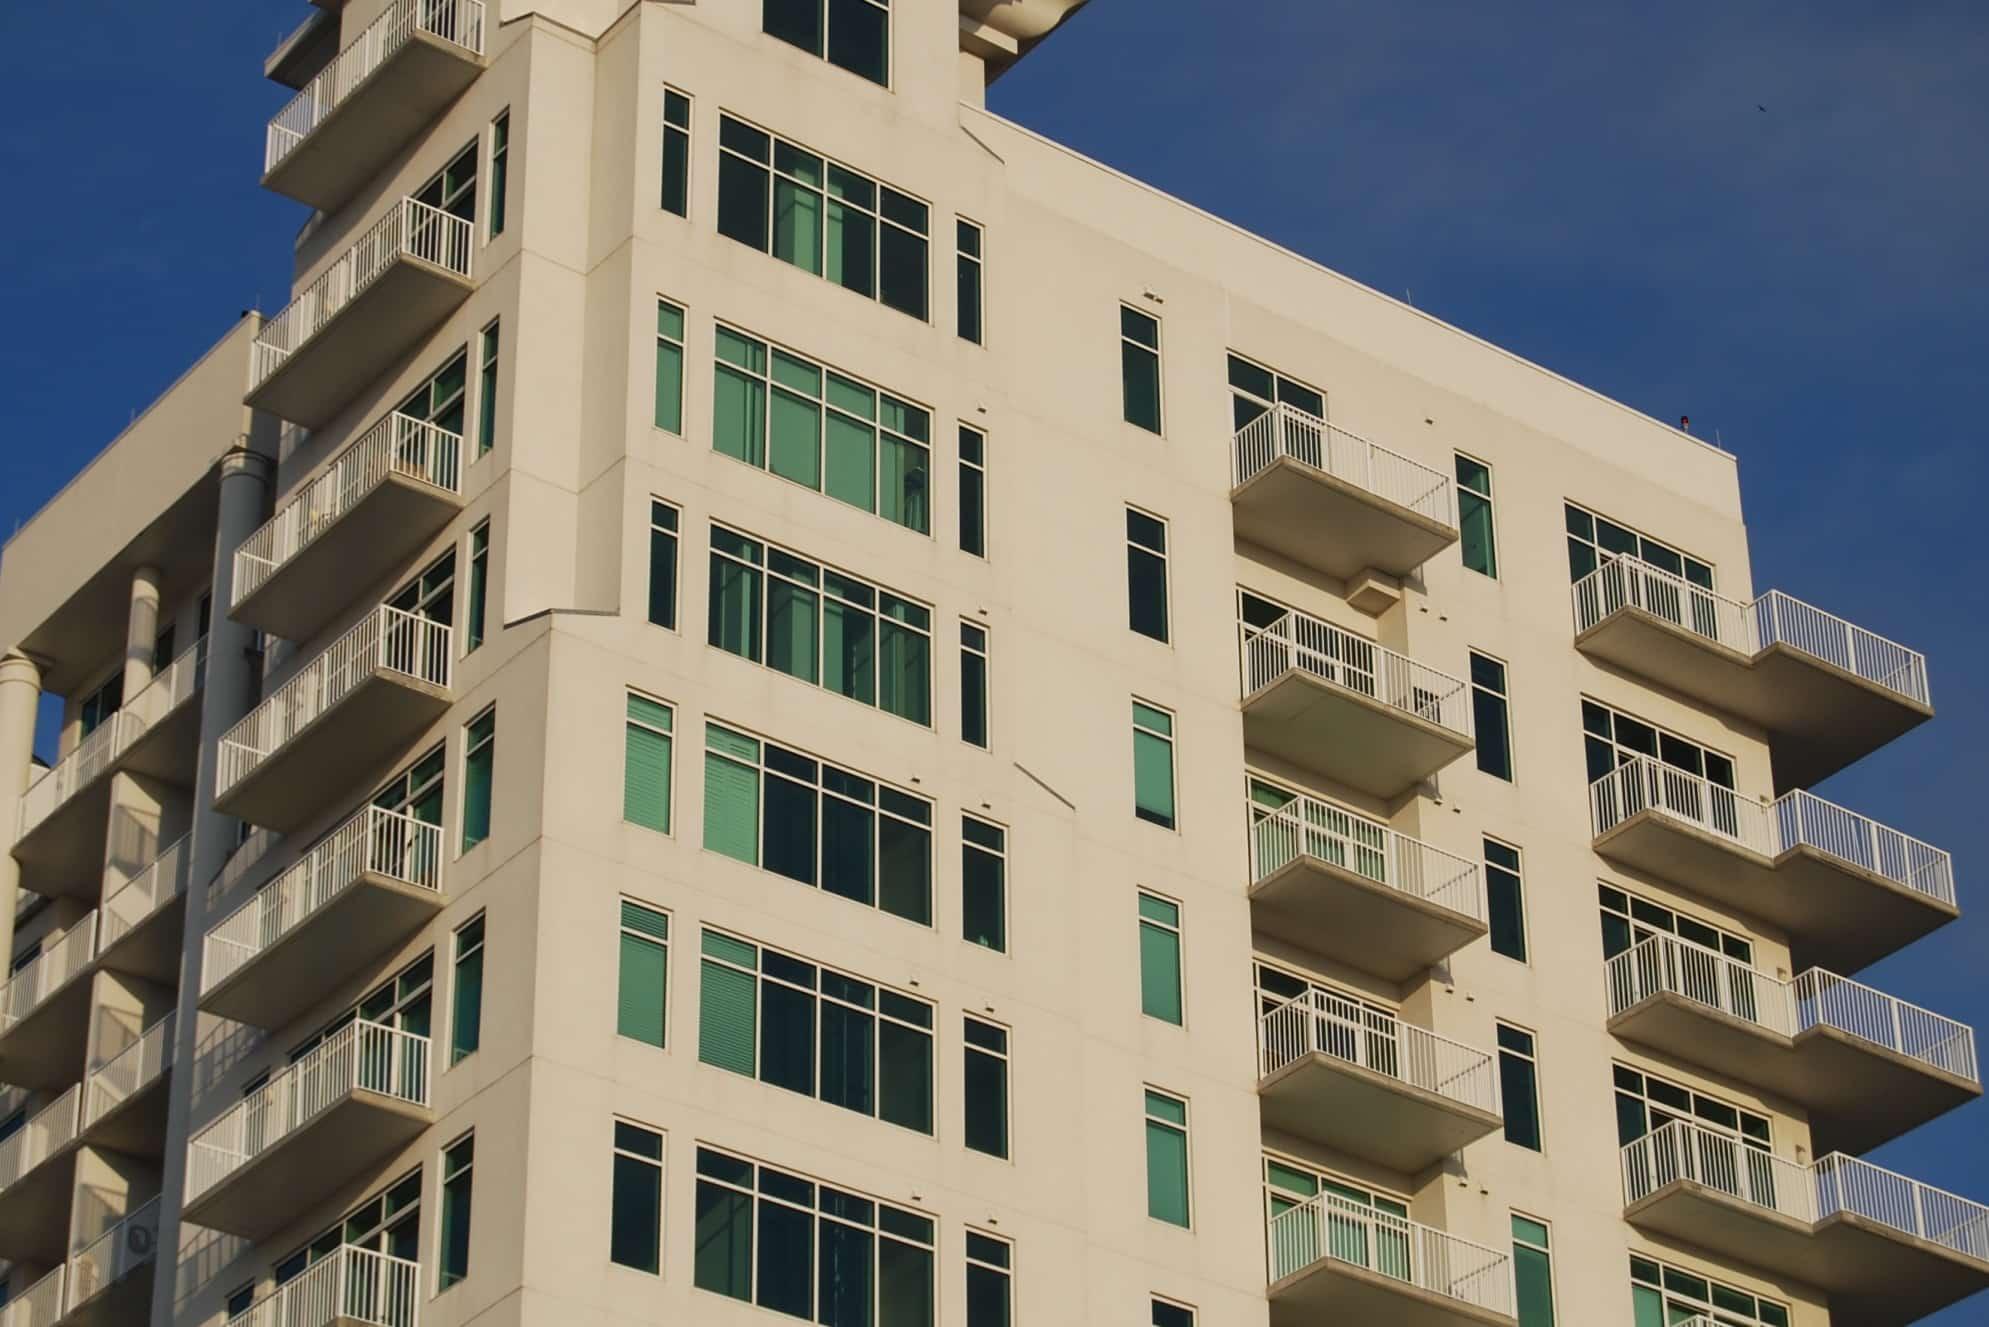 picture of a condominium building